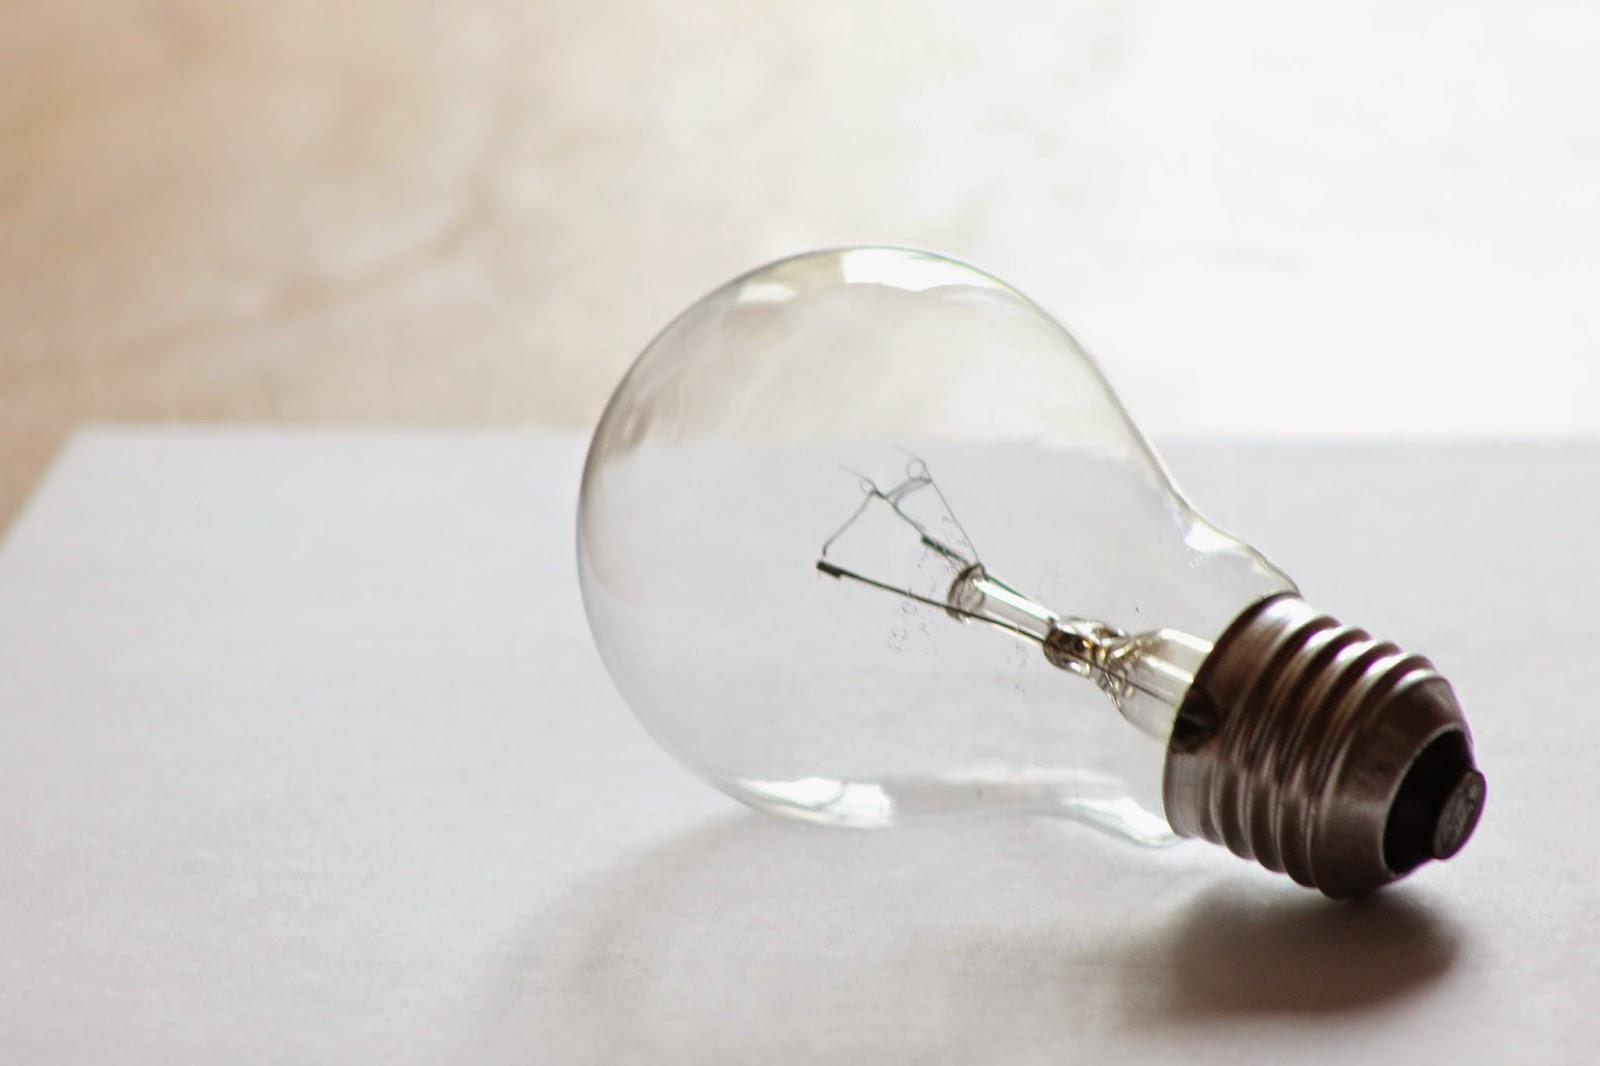 la bombilla de toda la vida tiende a durar entre y horas slo convierten en luz visible un de la energa consumida por lo que su eficacia